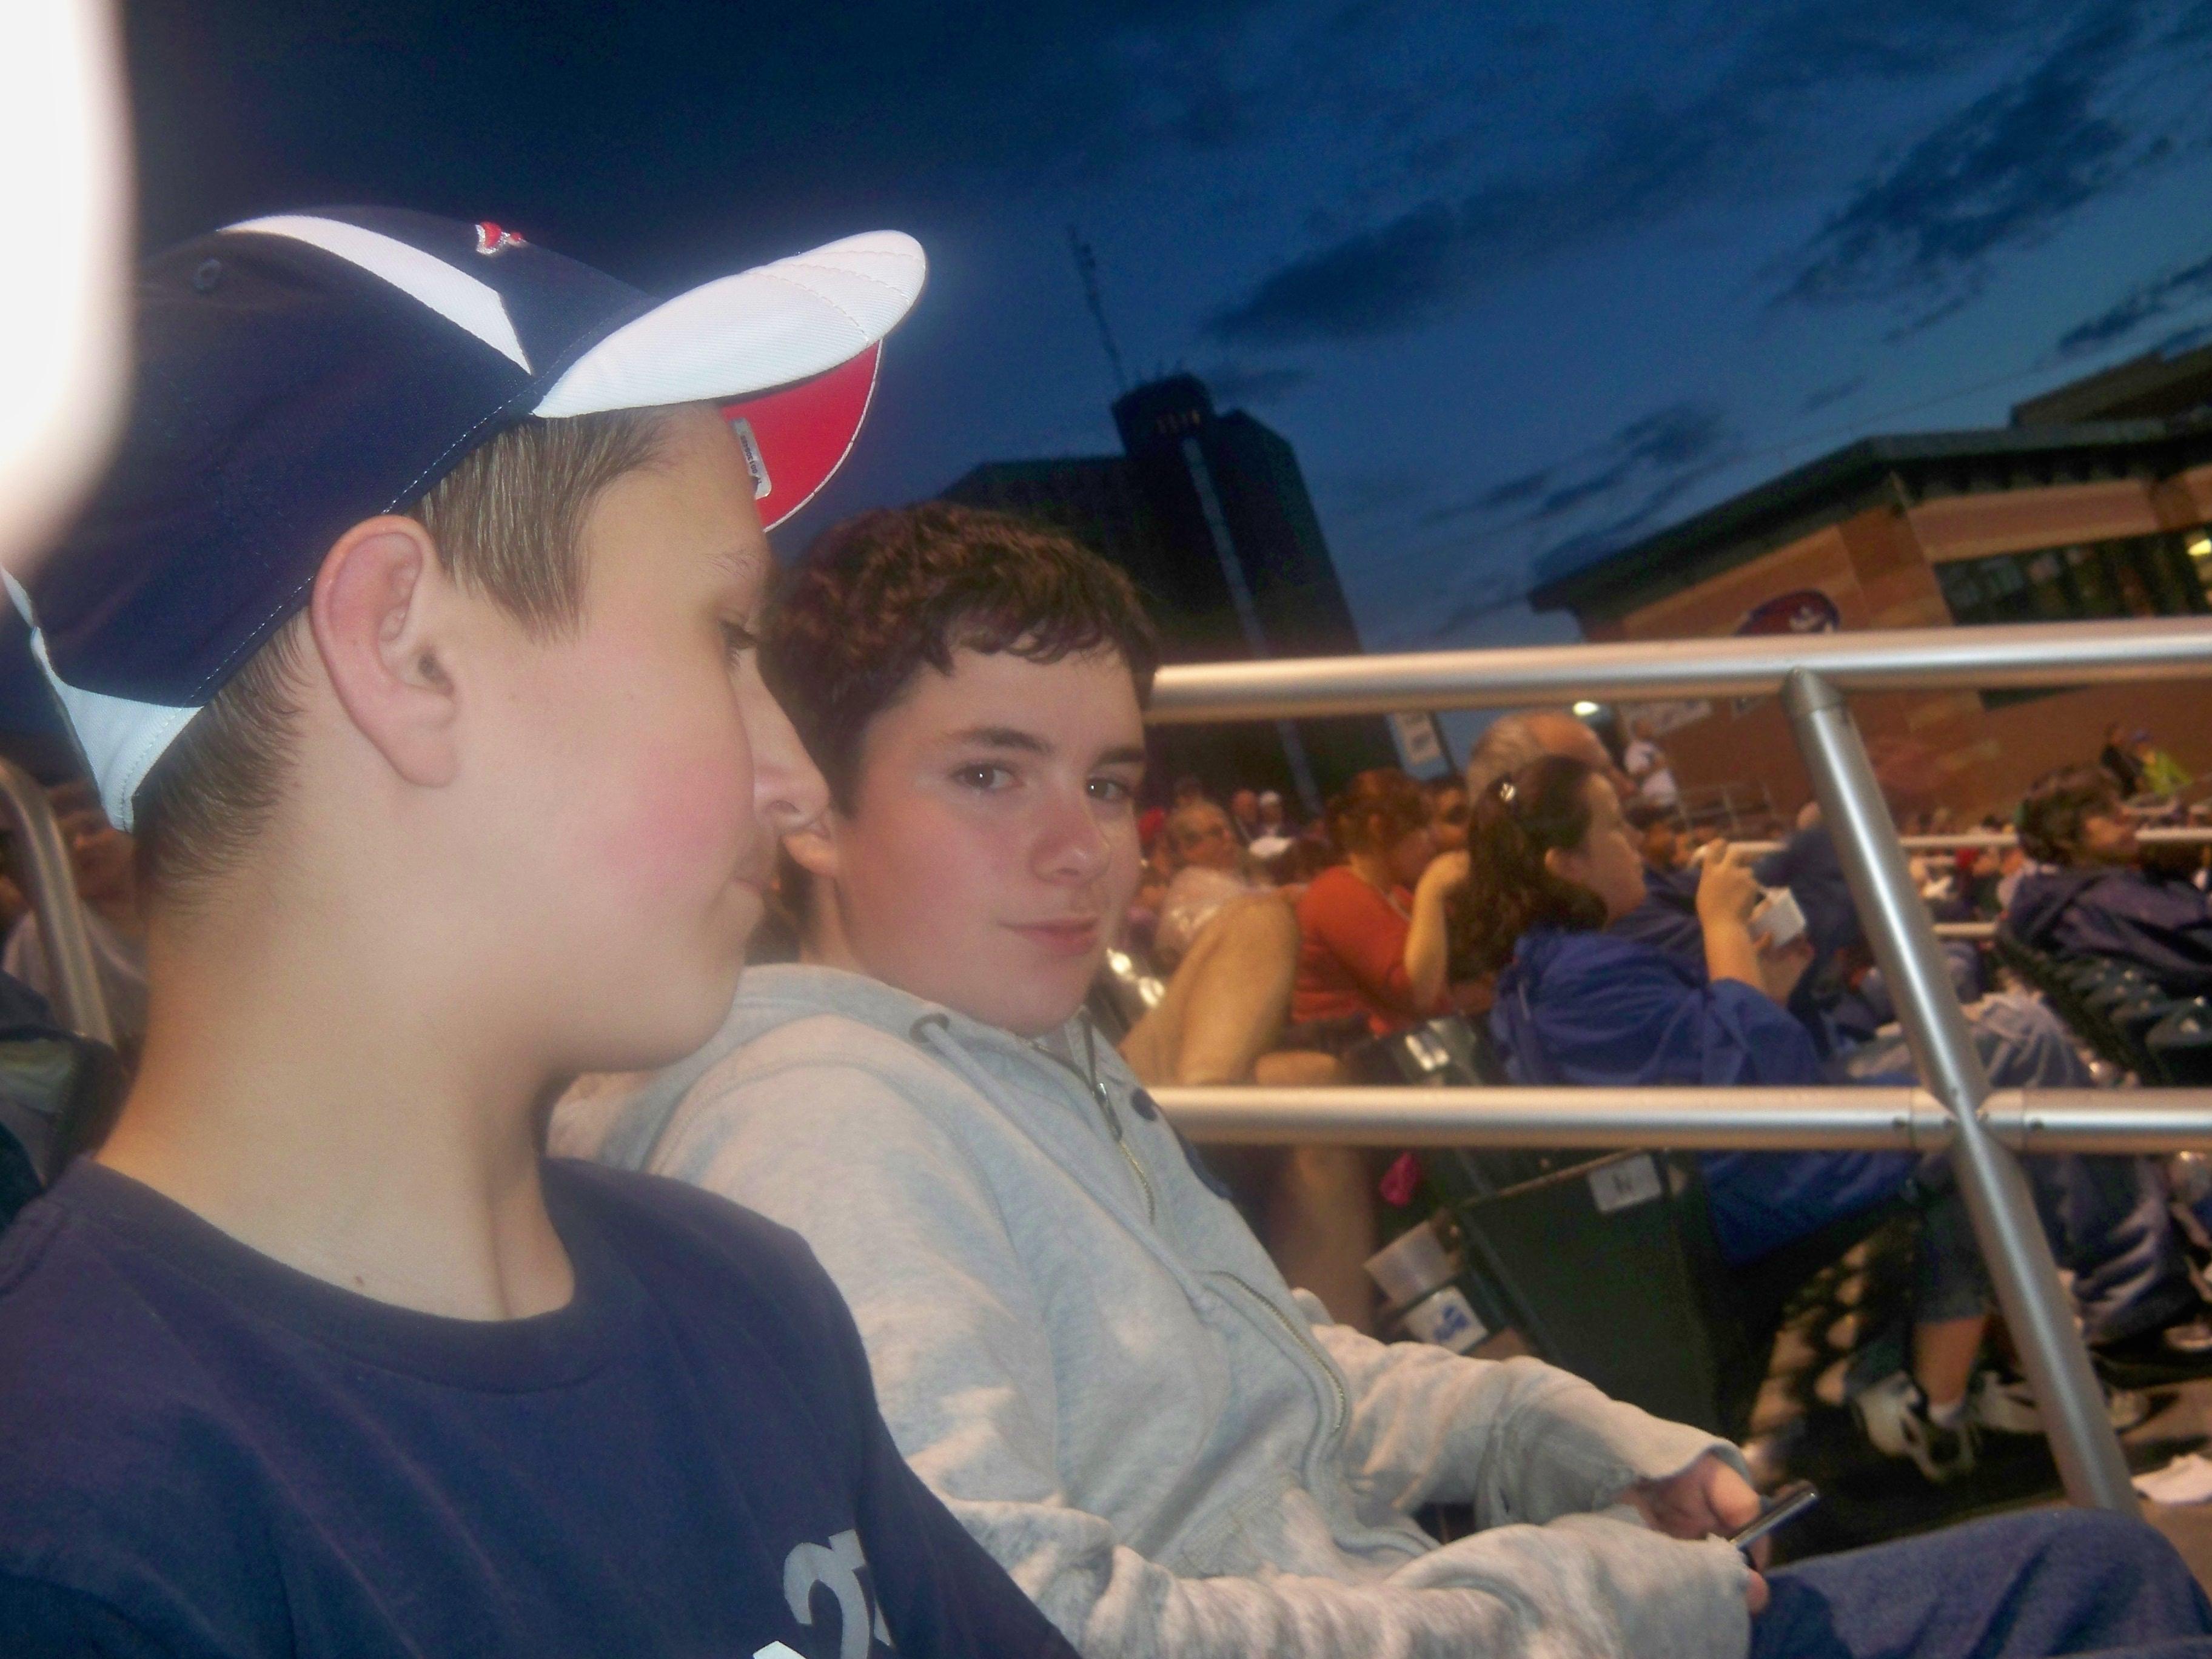 Ryan and Cody